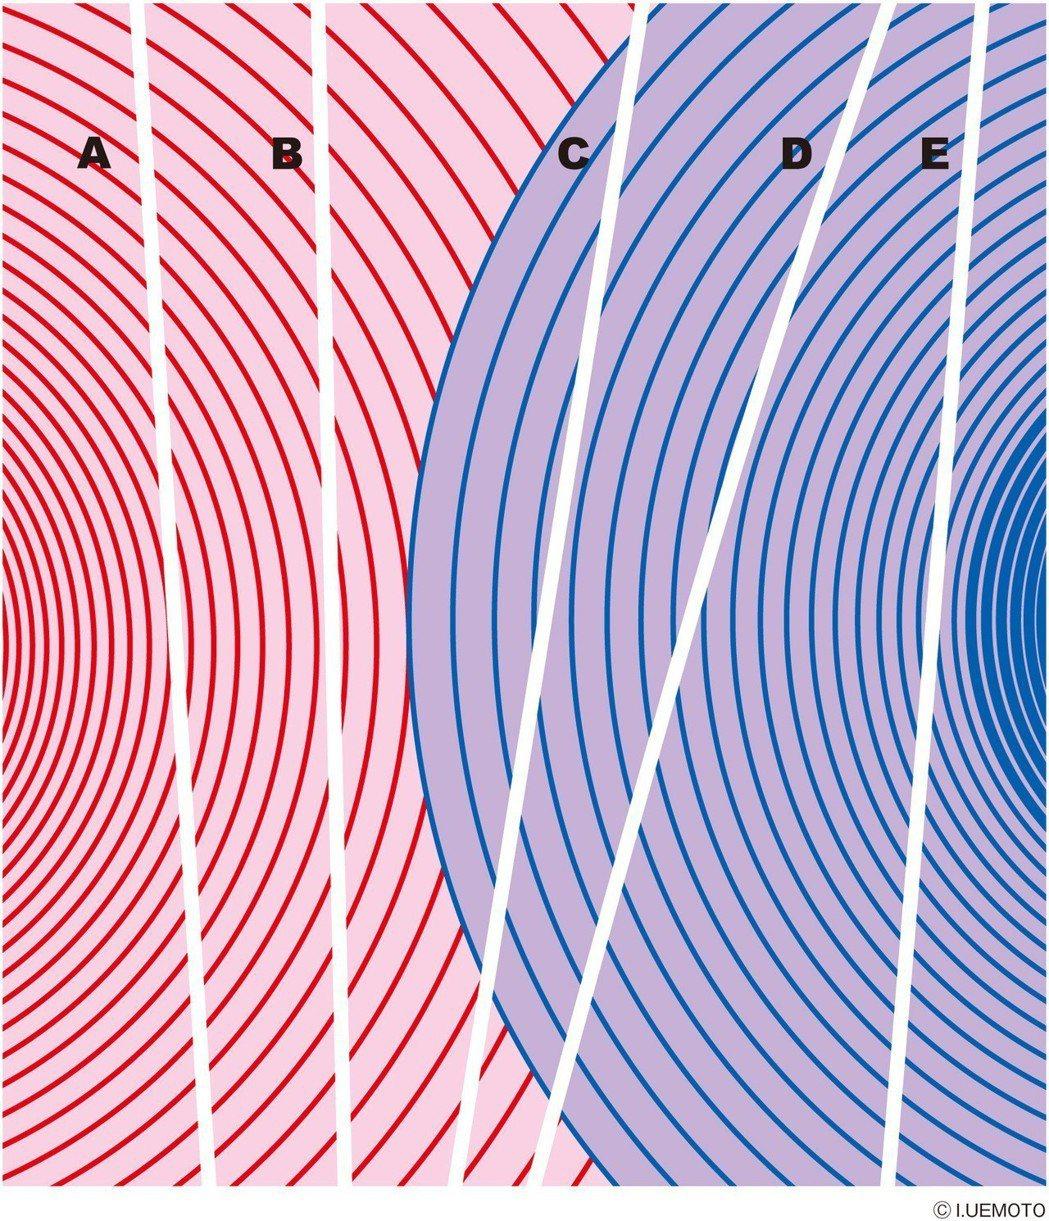 哪1條不是直線?A~E的5條線中,有一條不是直線,請問是哪一條呢? 圖摘...